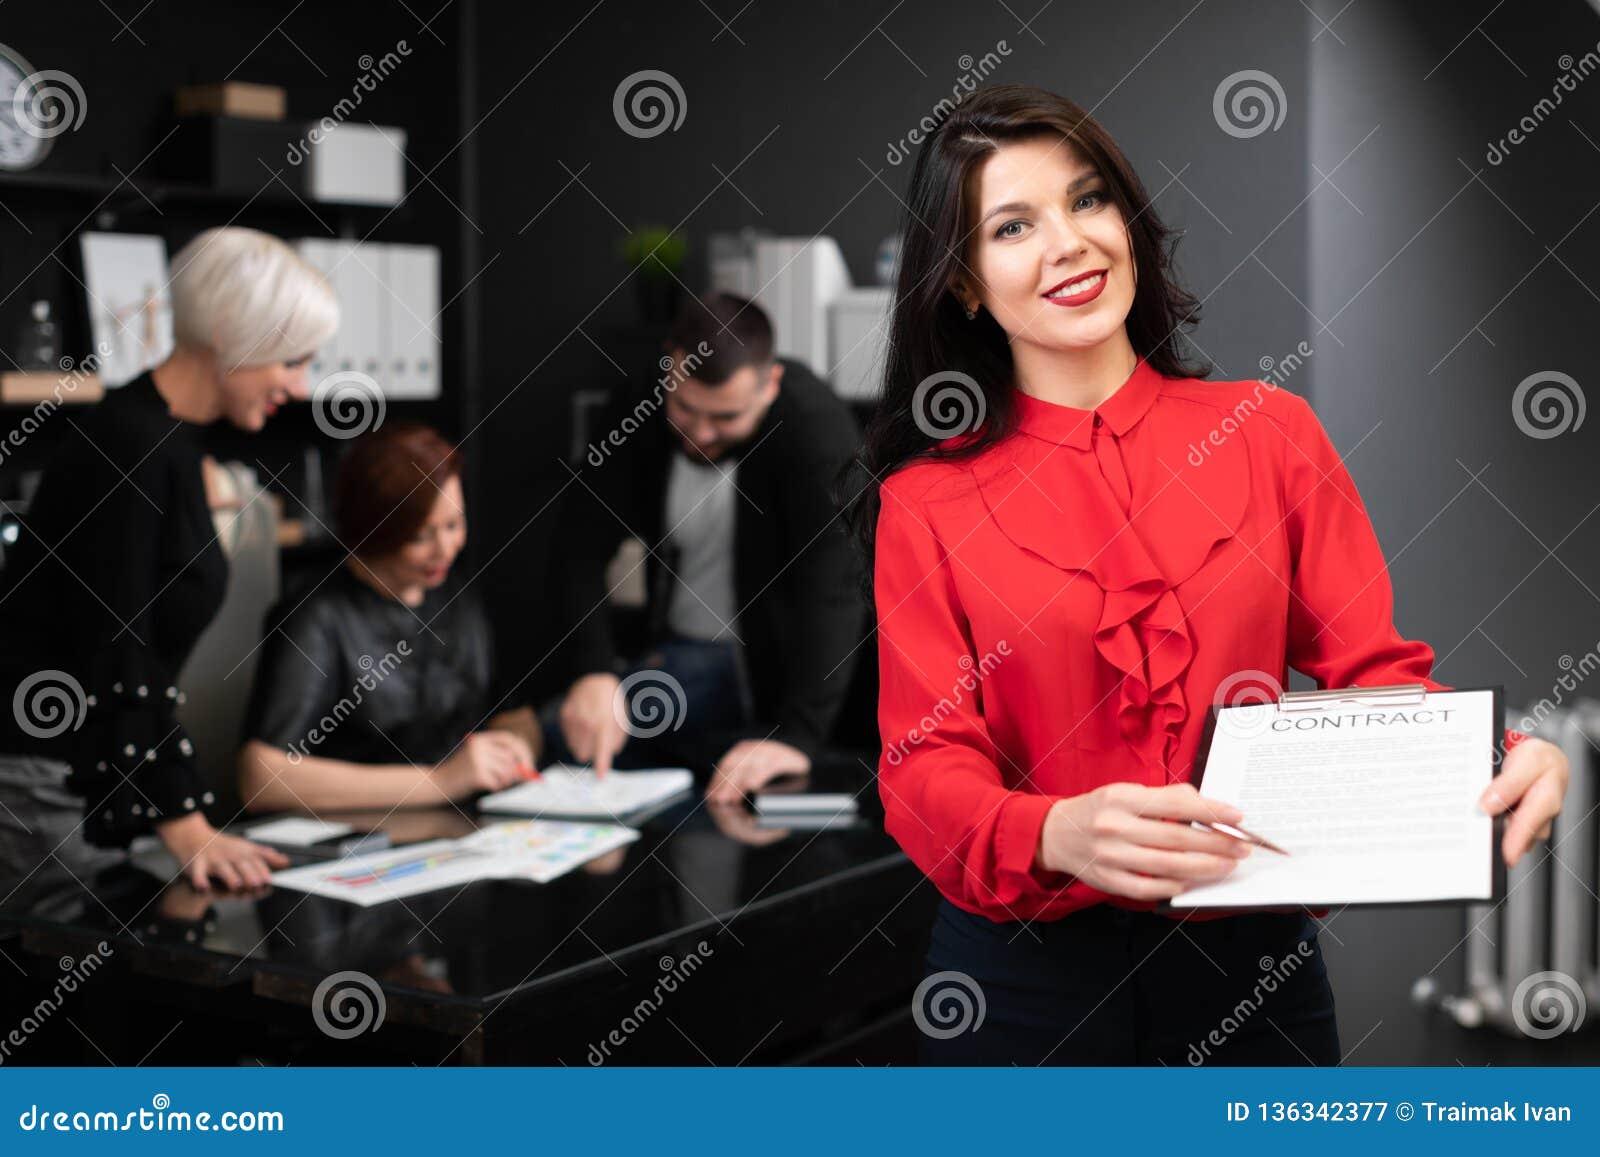 Geschäftsfrau mit Stift und Vertrag auf Hintergrund von Büroangestellten das Projekt besprechen